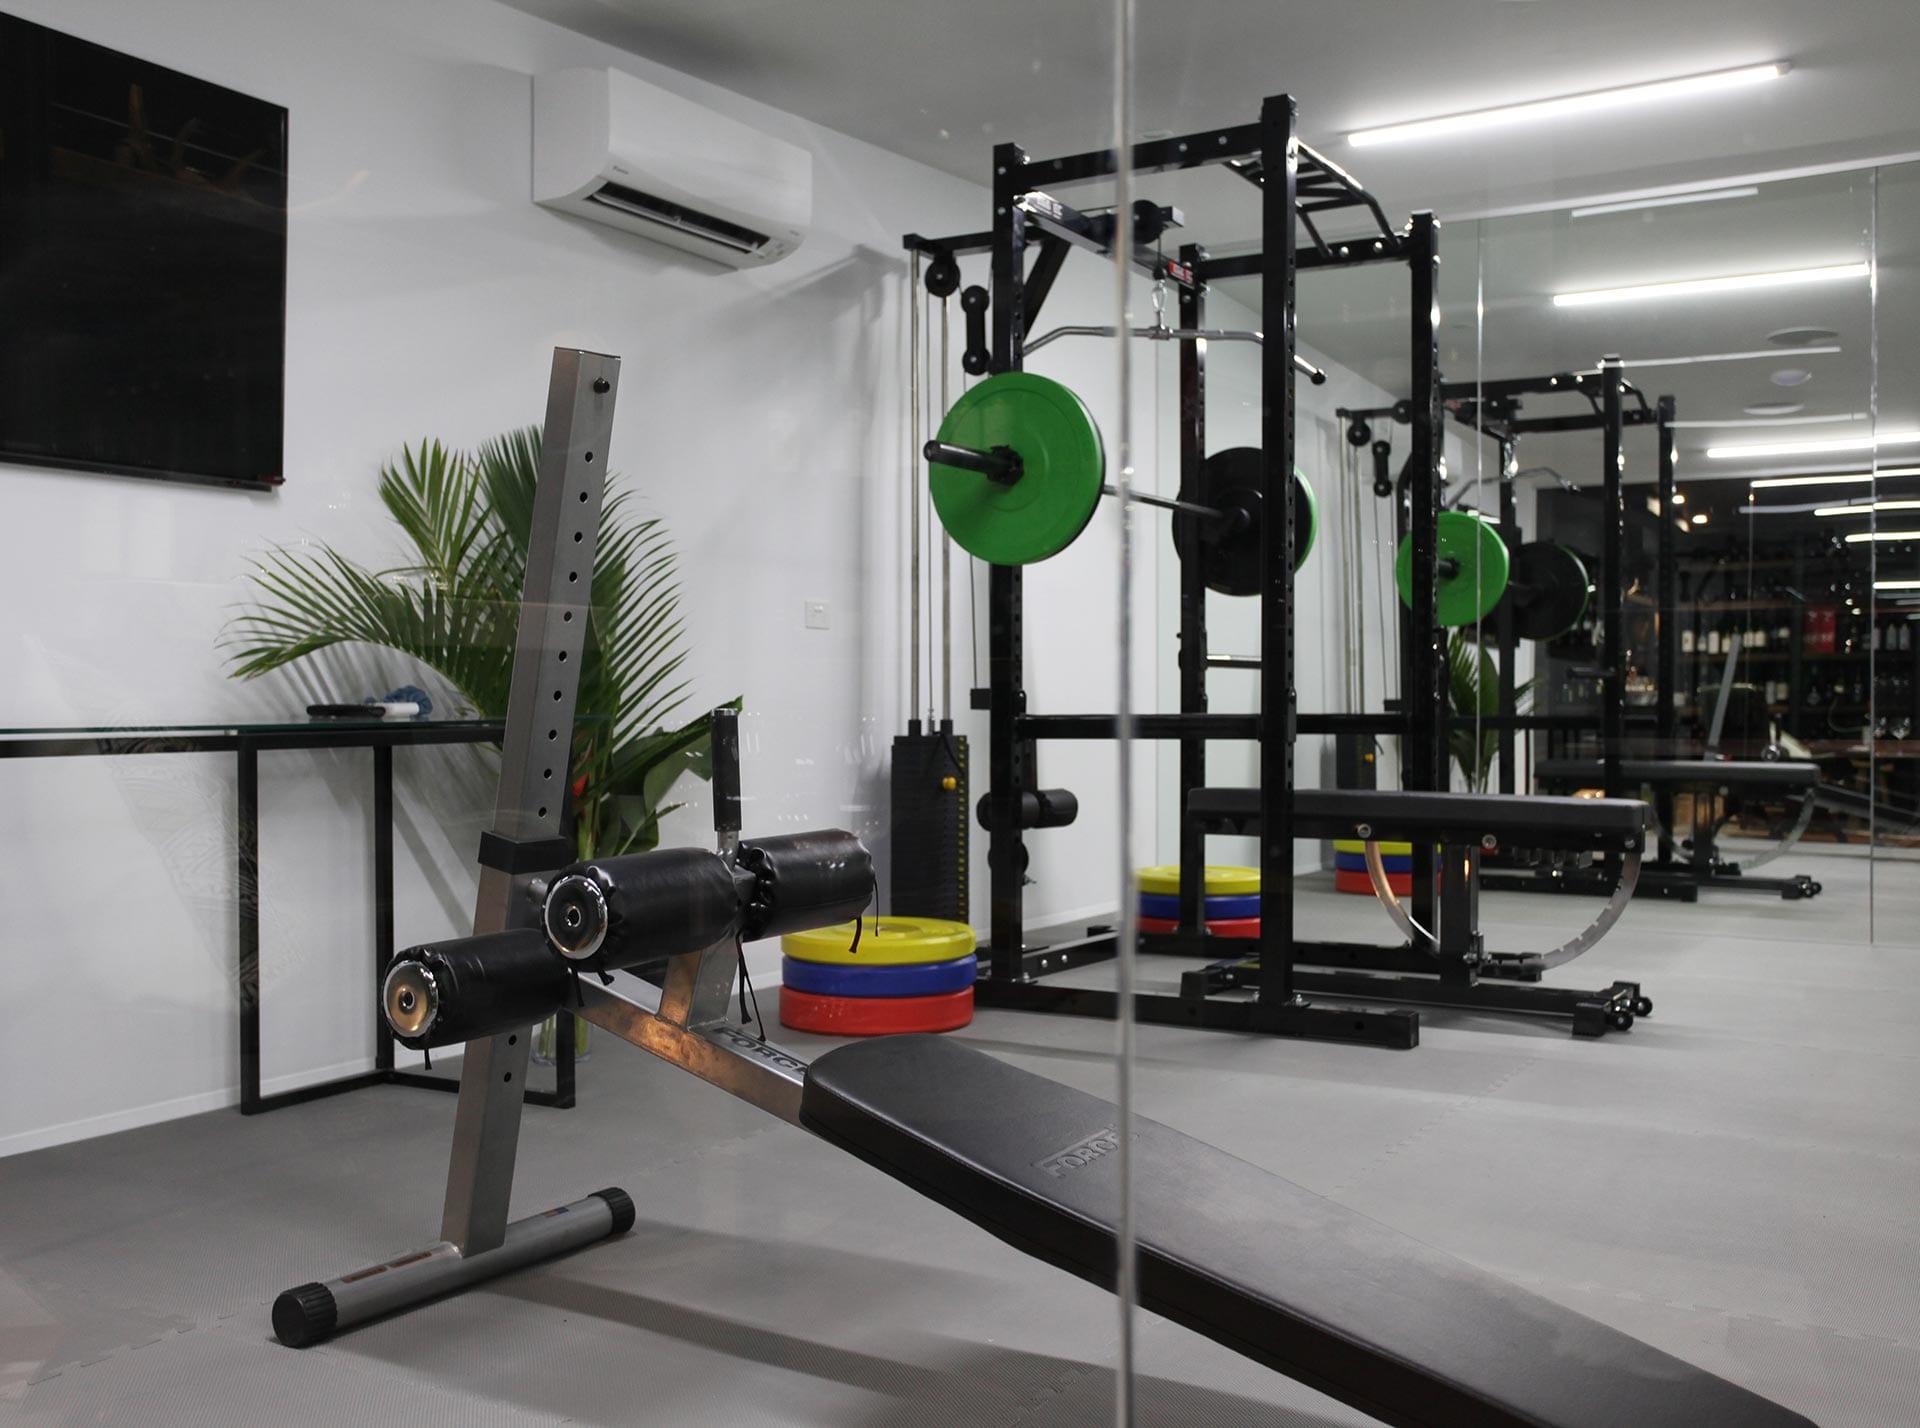 Coral Ridge gym